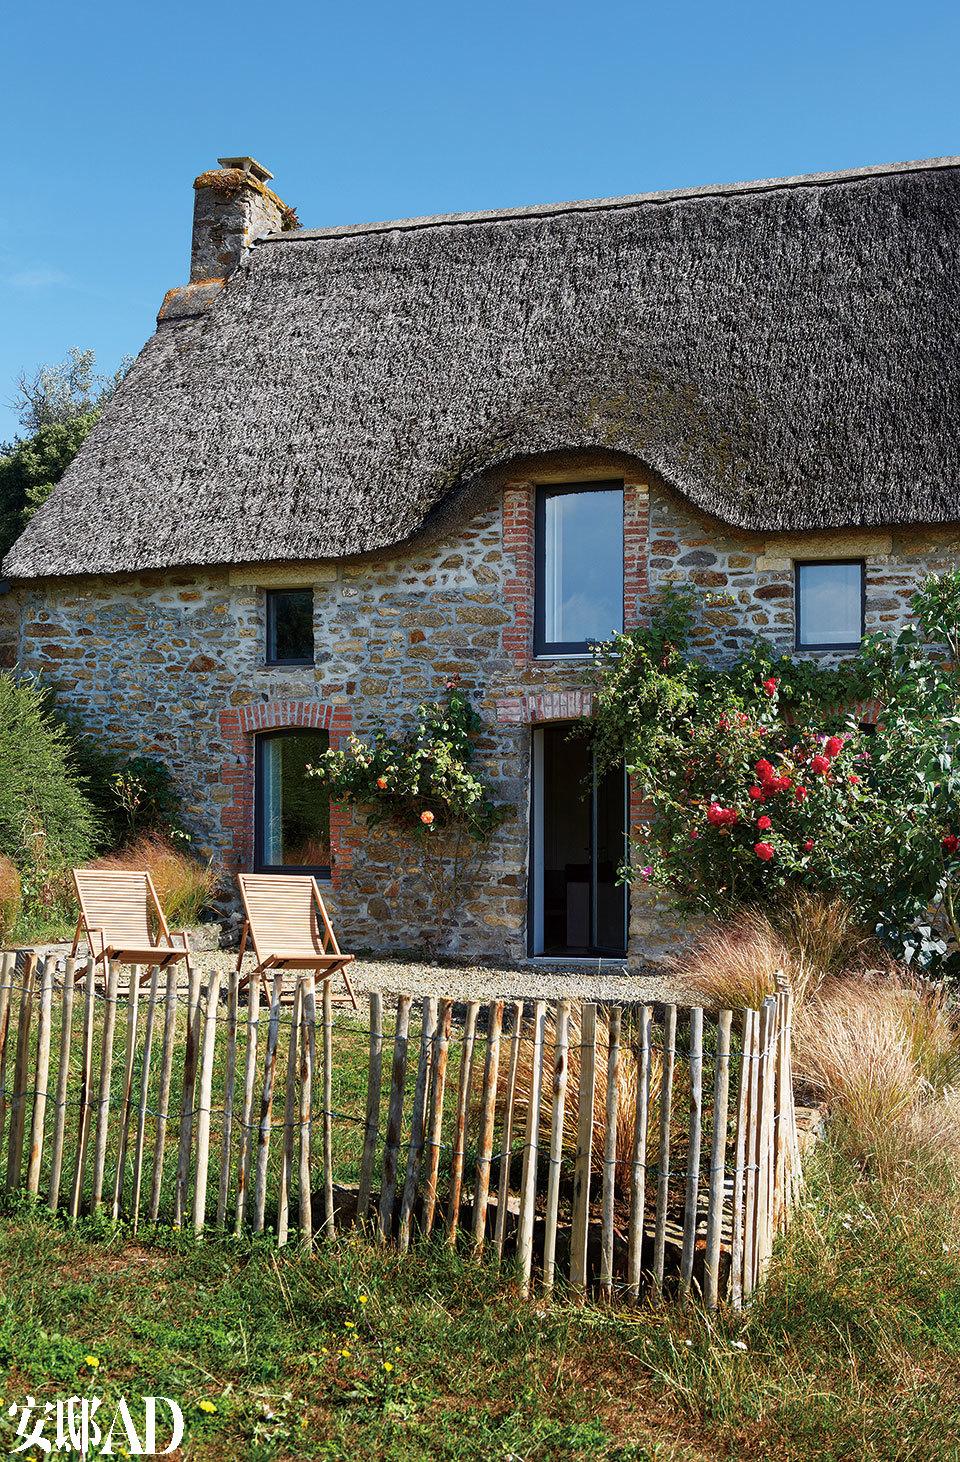 房屋应用了花岗岩外立面和传统的茅草屋顶。